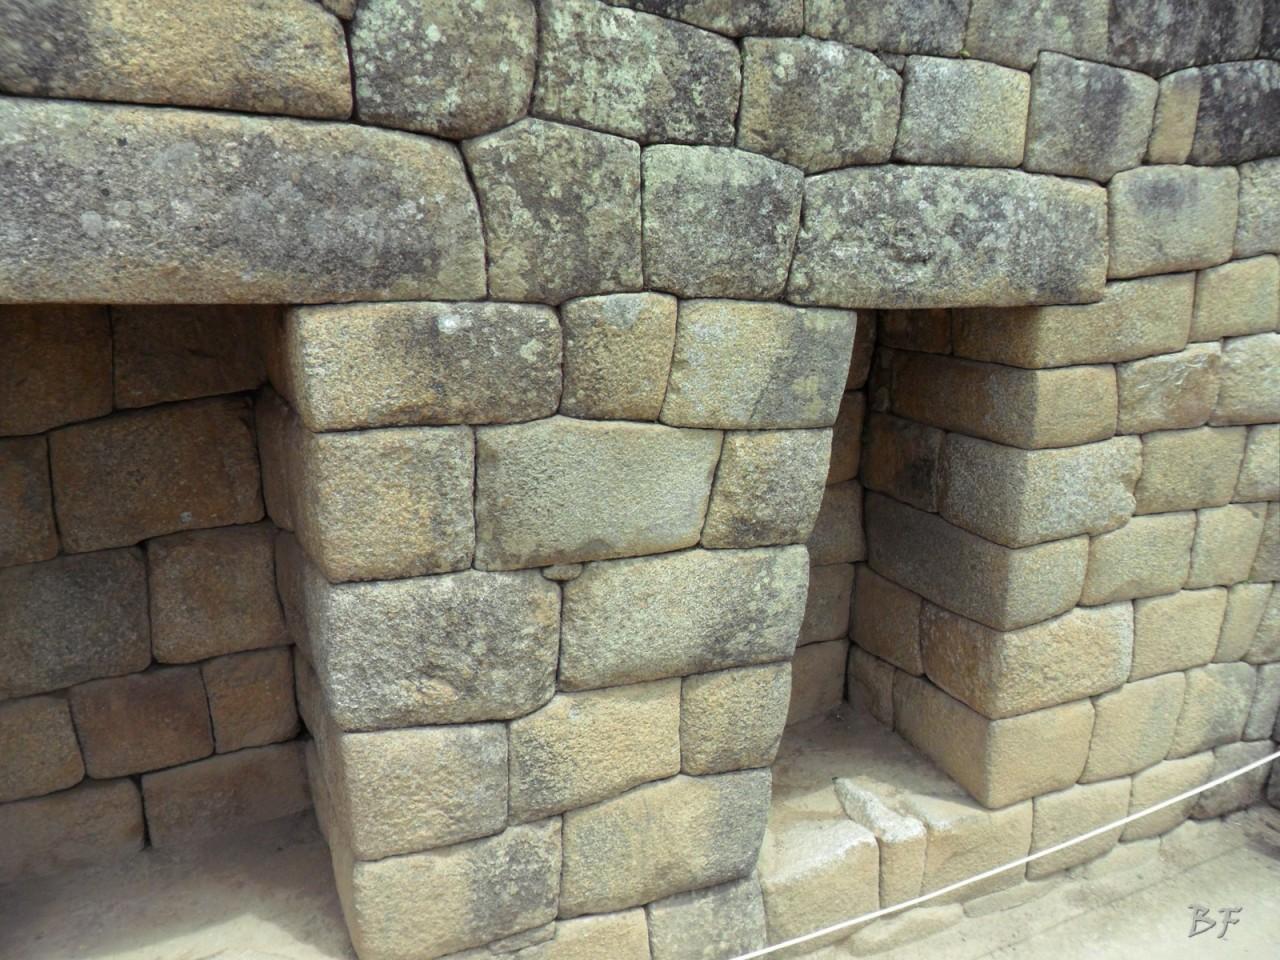 Mura-Poligonali-Incisioni-Altari-Edifici-Rupestri-Megaliti-Machu-Picchu-Aguas-Calientes-Urubamba-Cusco-Perù-123